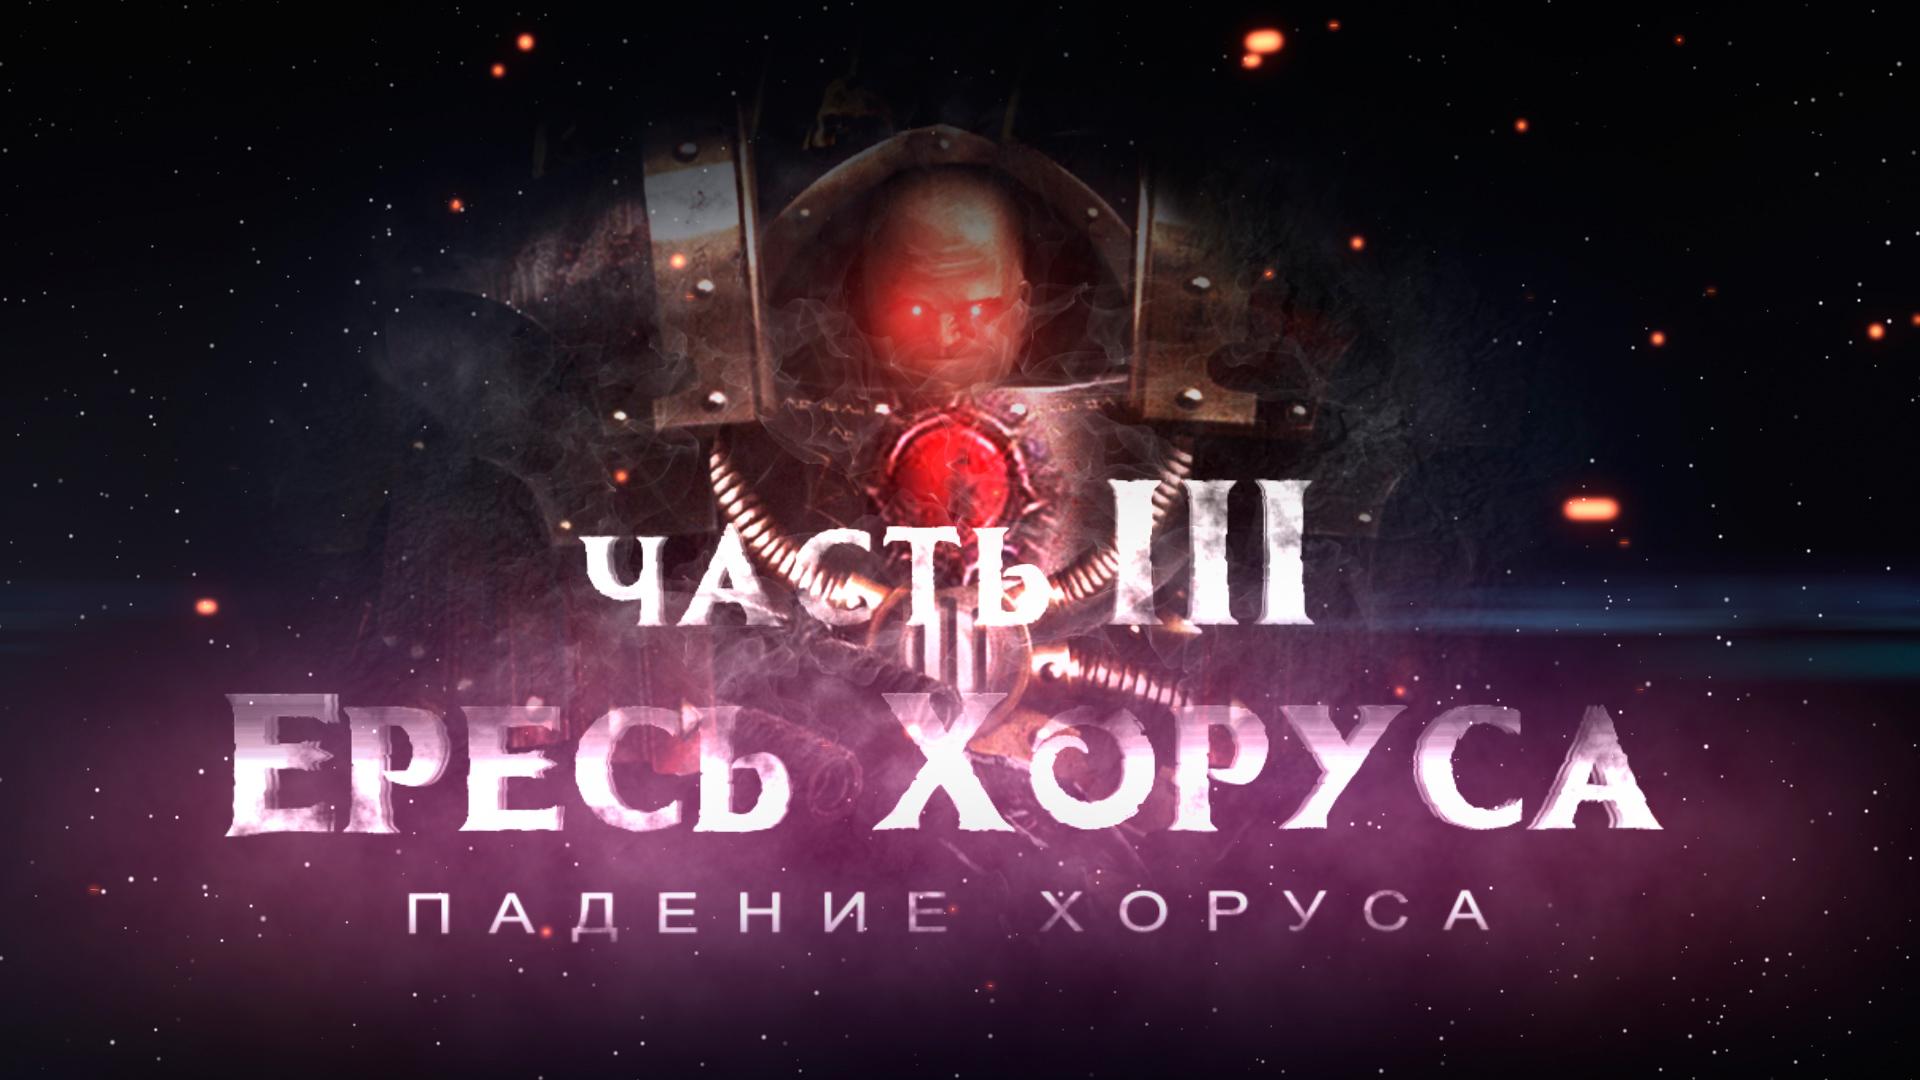 dlya_yteba_iii